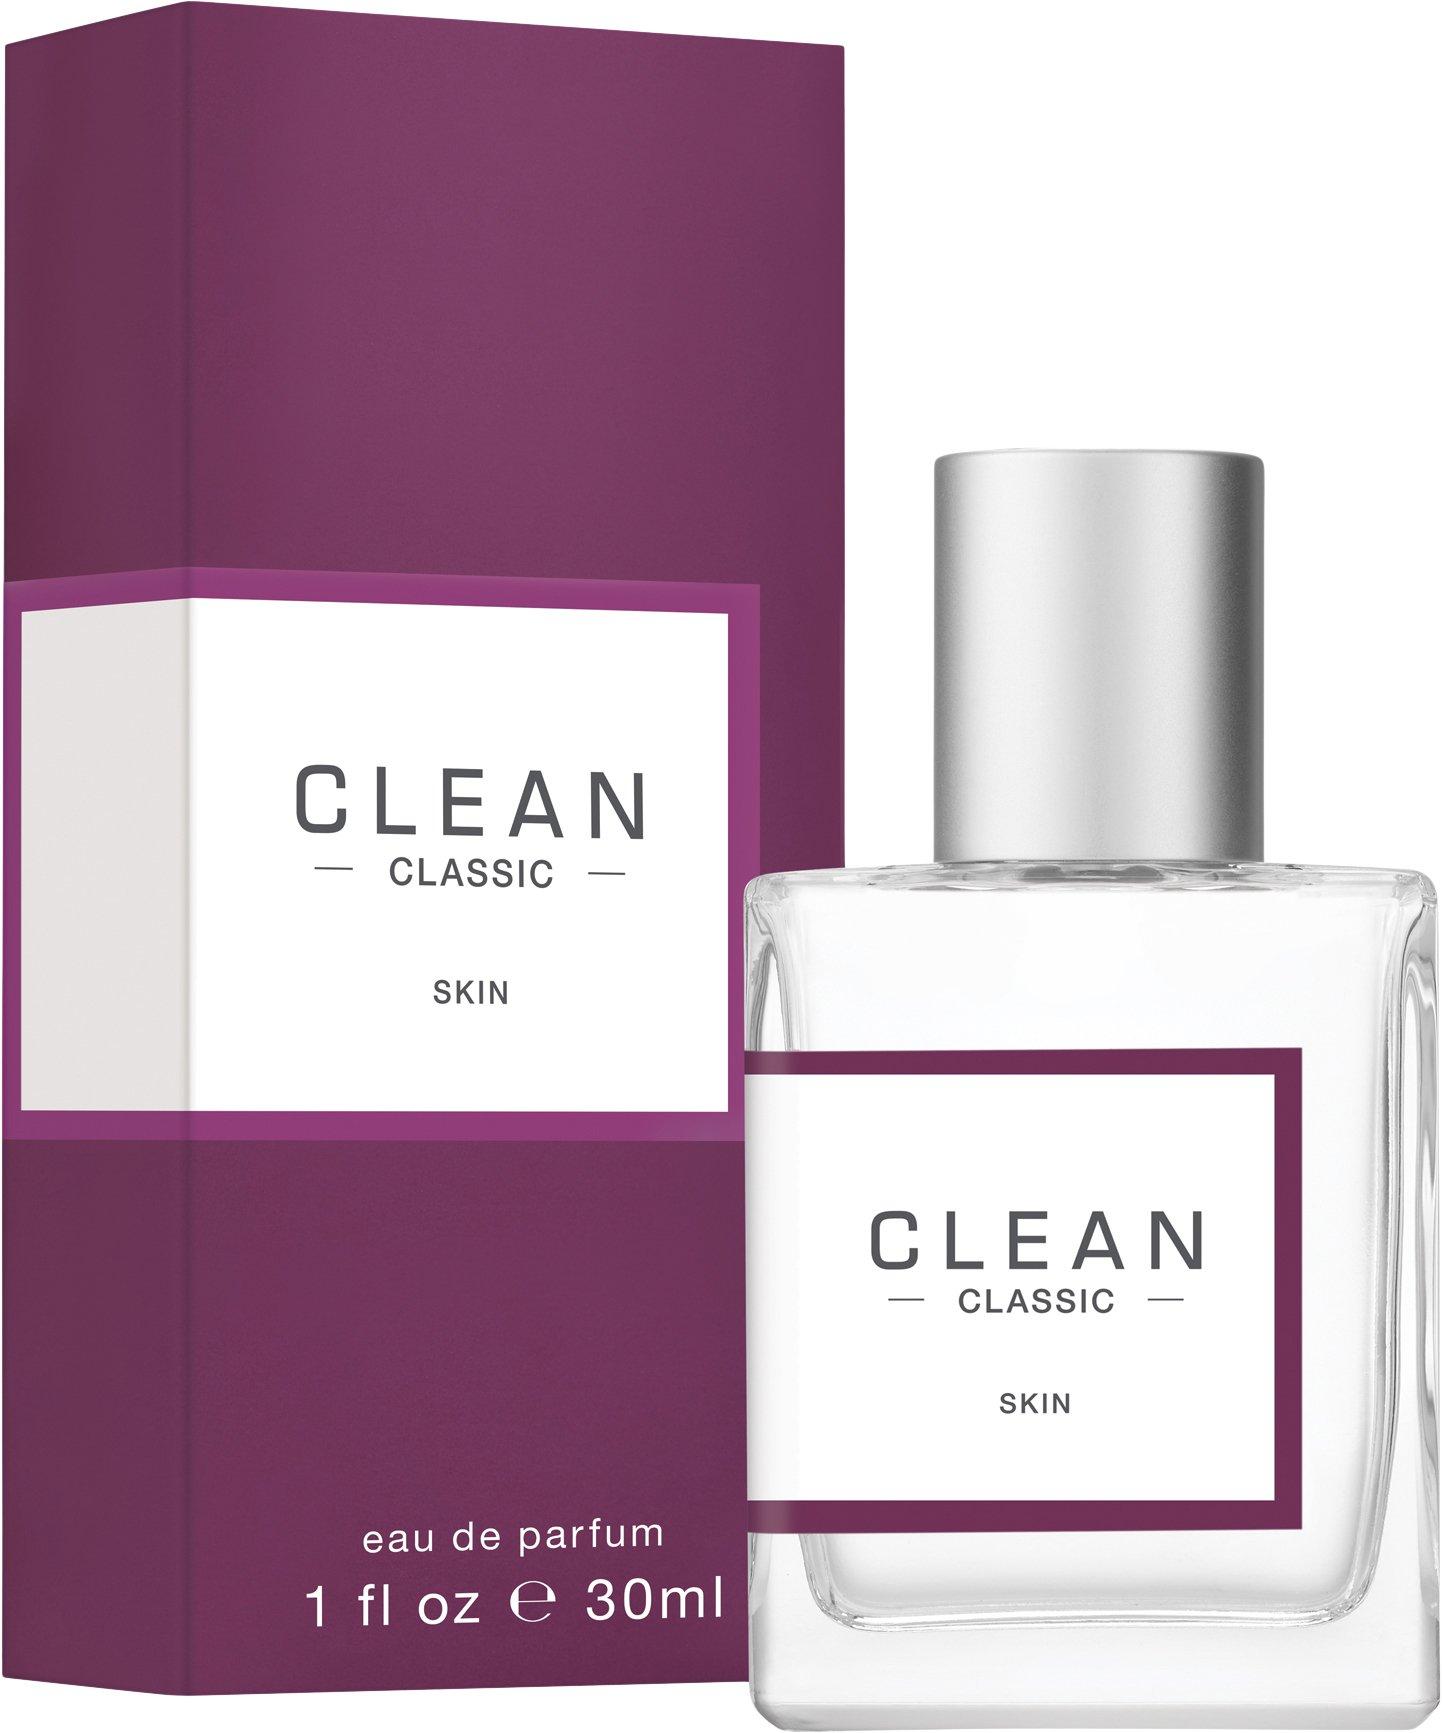 CLEAN PERFUME Skin Eau de Parfum 30 ml